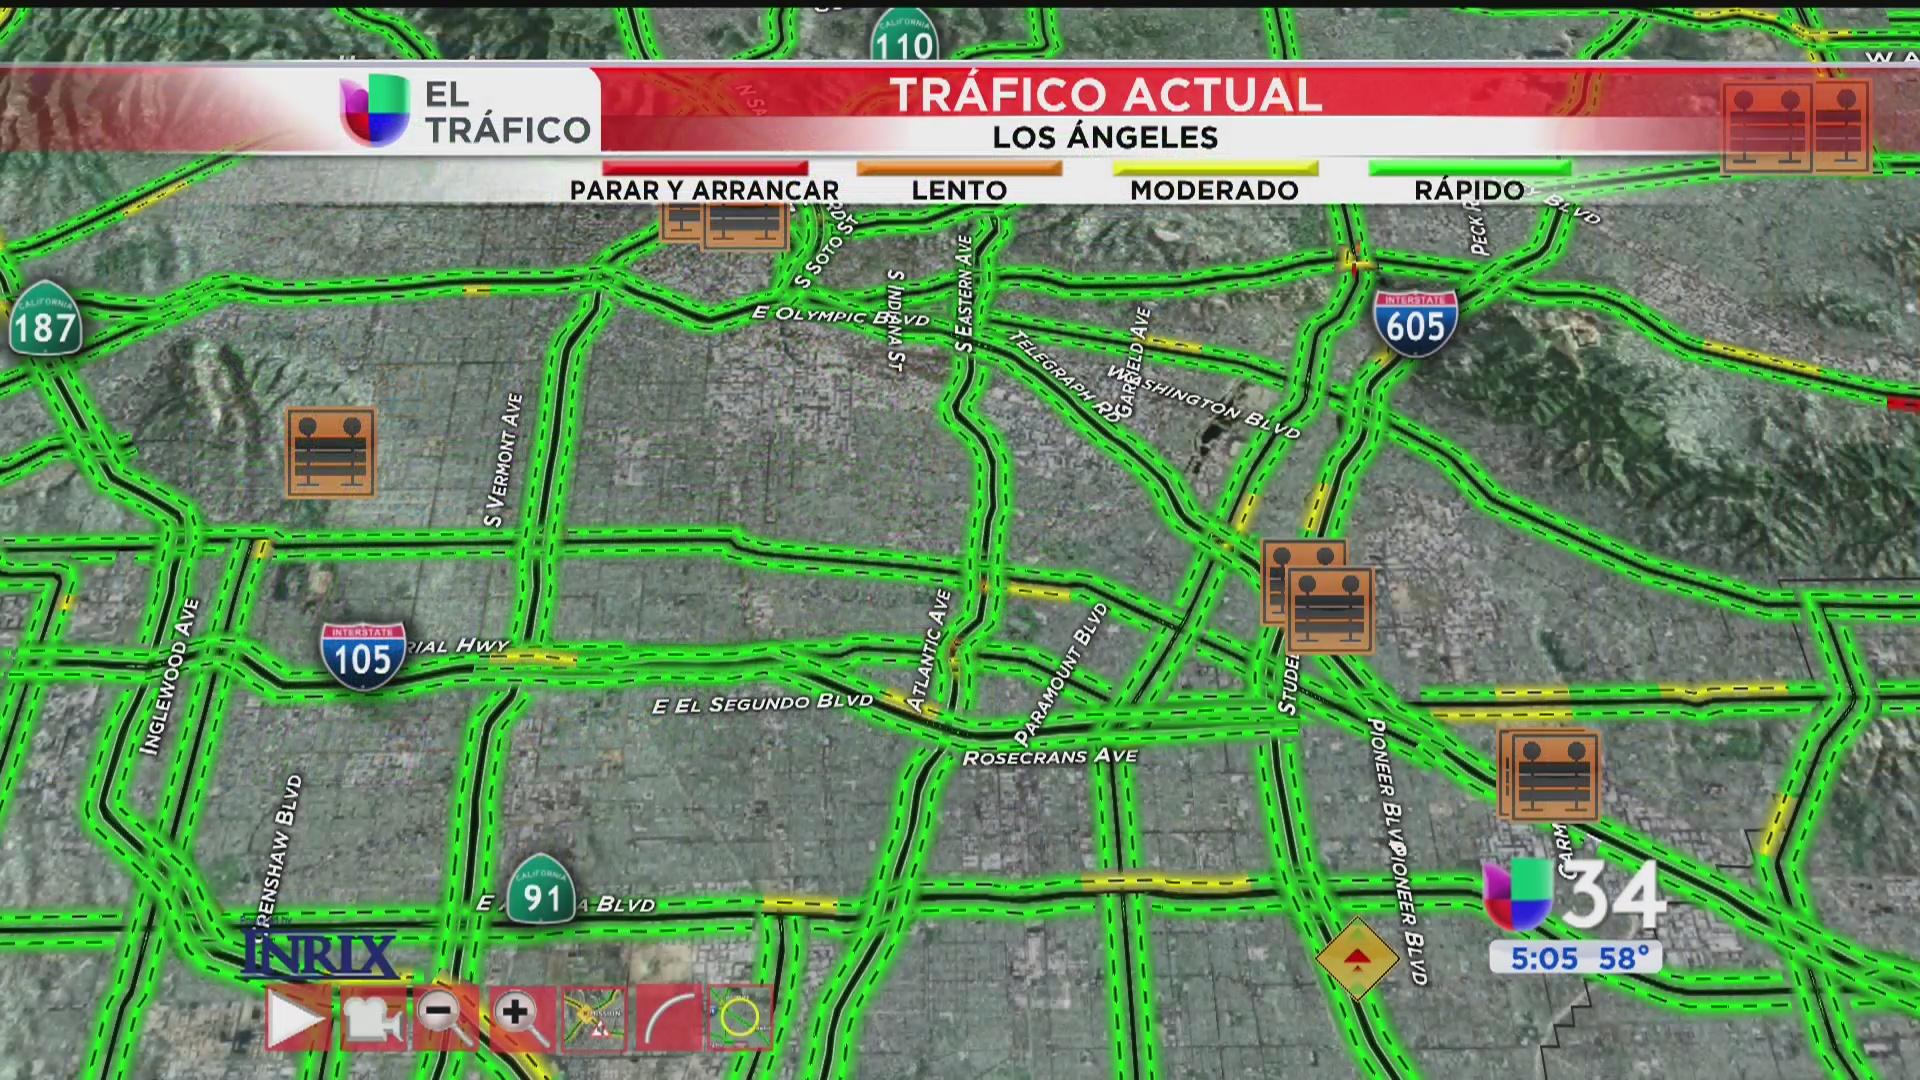 Tráfico lento debido a un choque cerca de la 710 norte